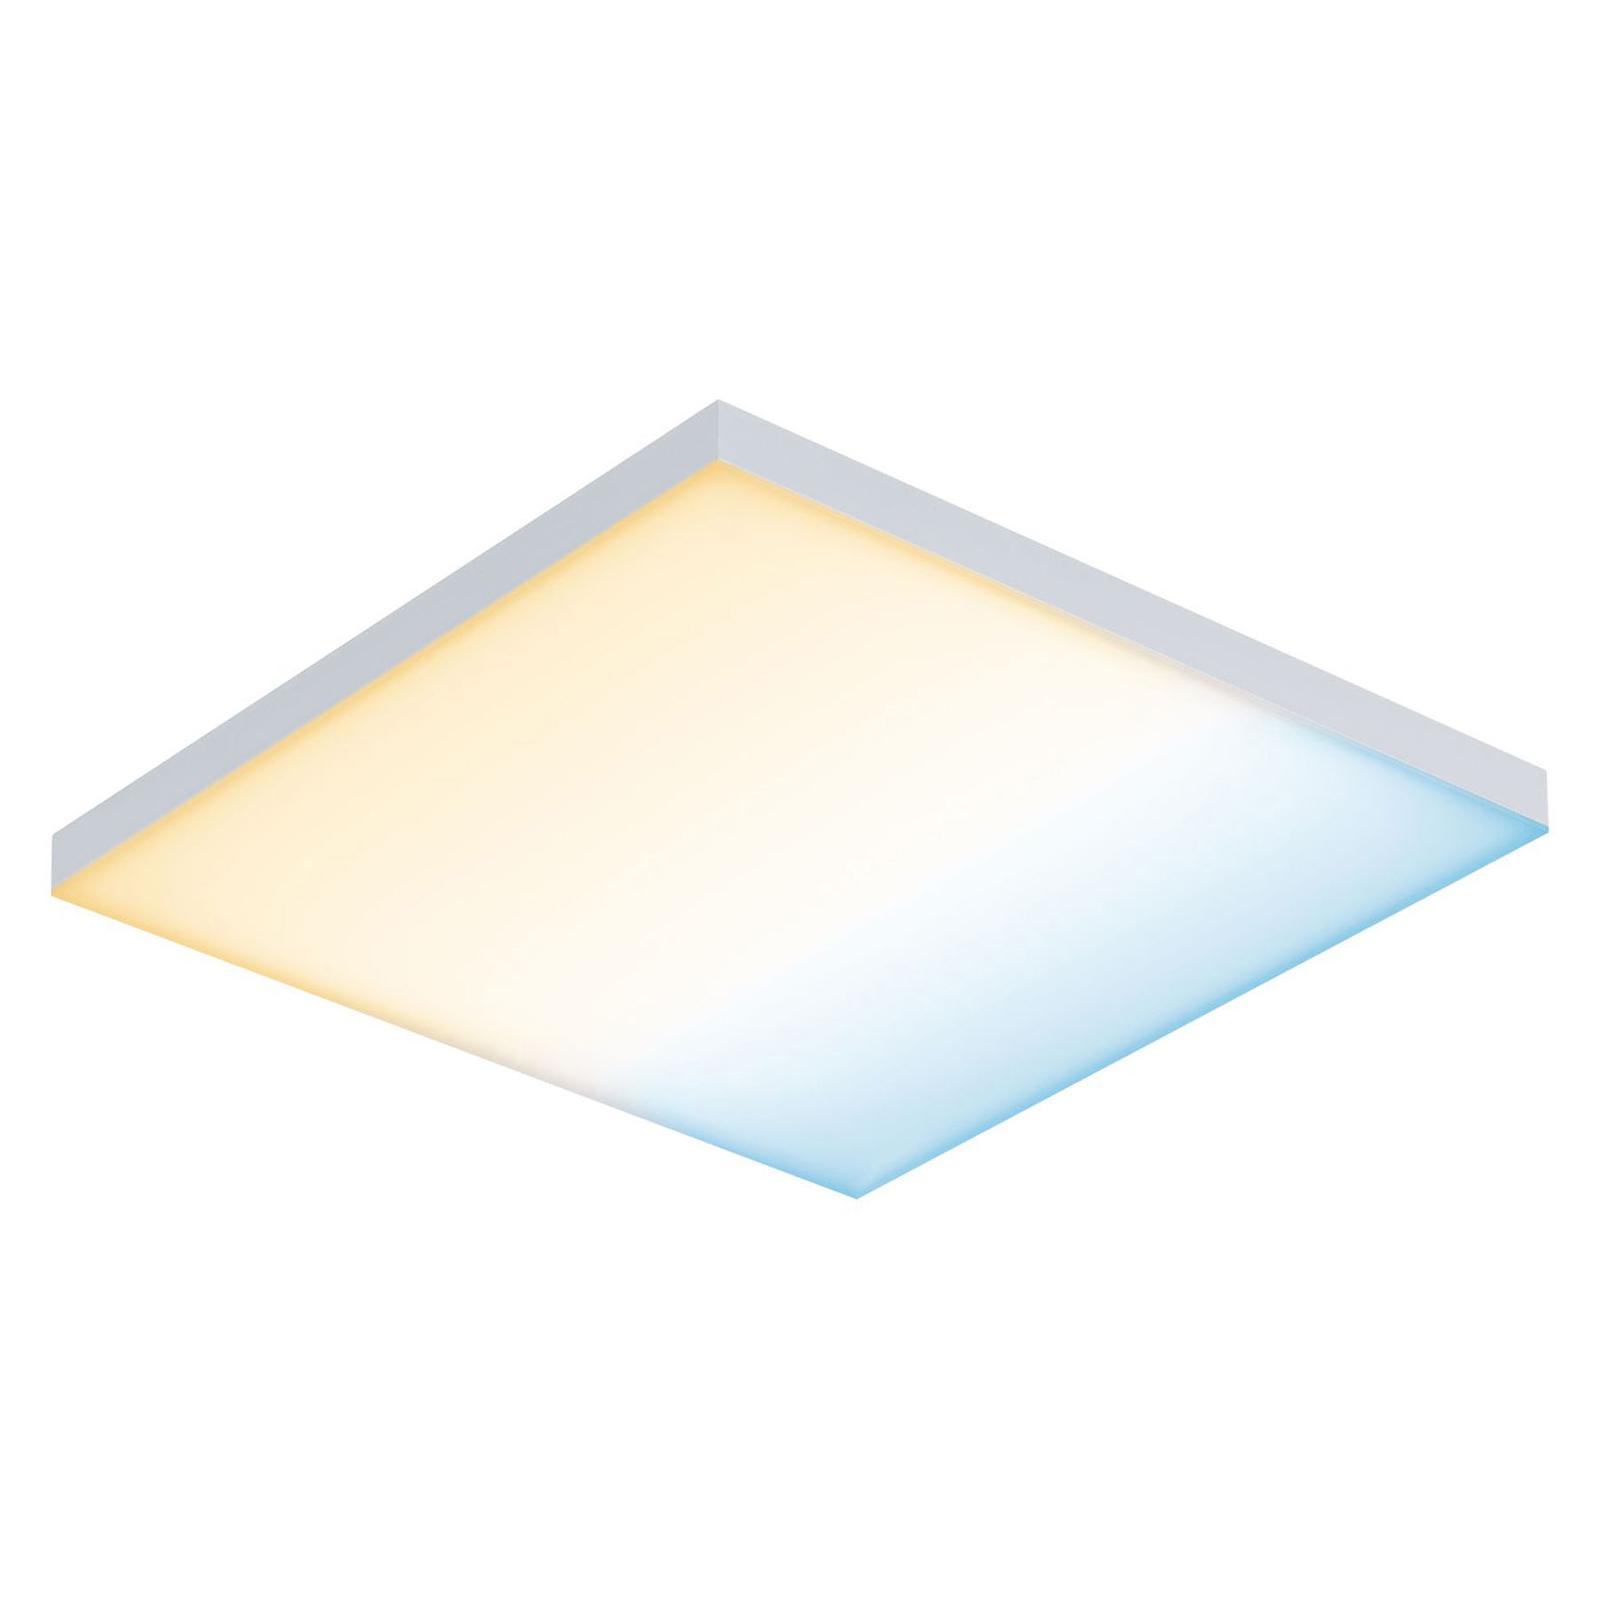 Paulmann Velora LED Zigbee 29,5x29,5cm 10,5W